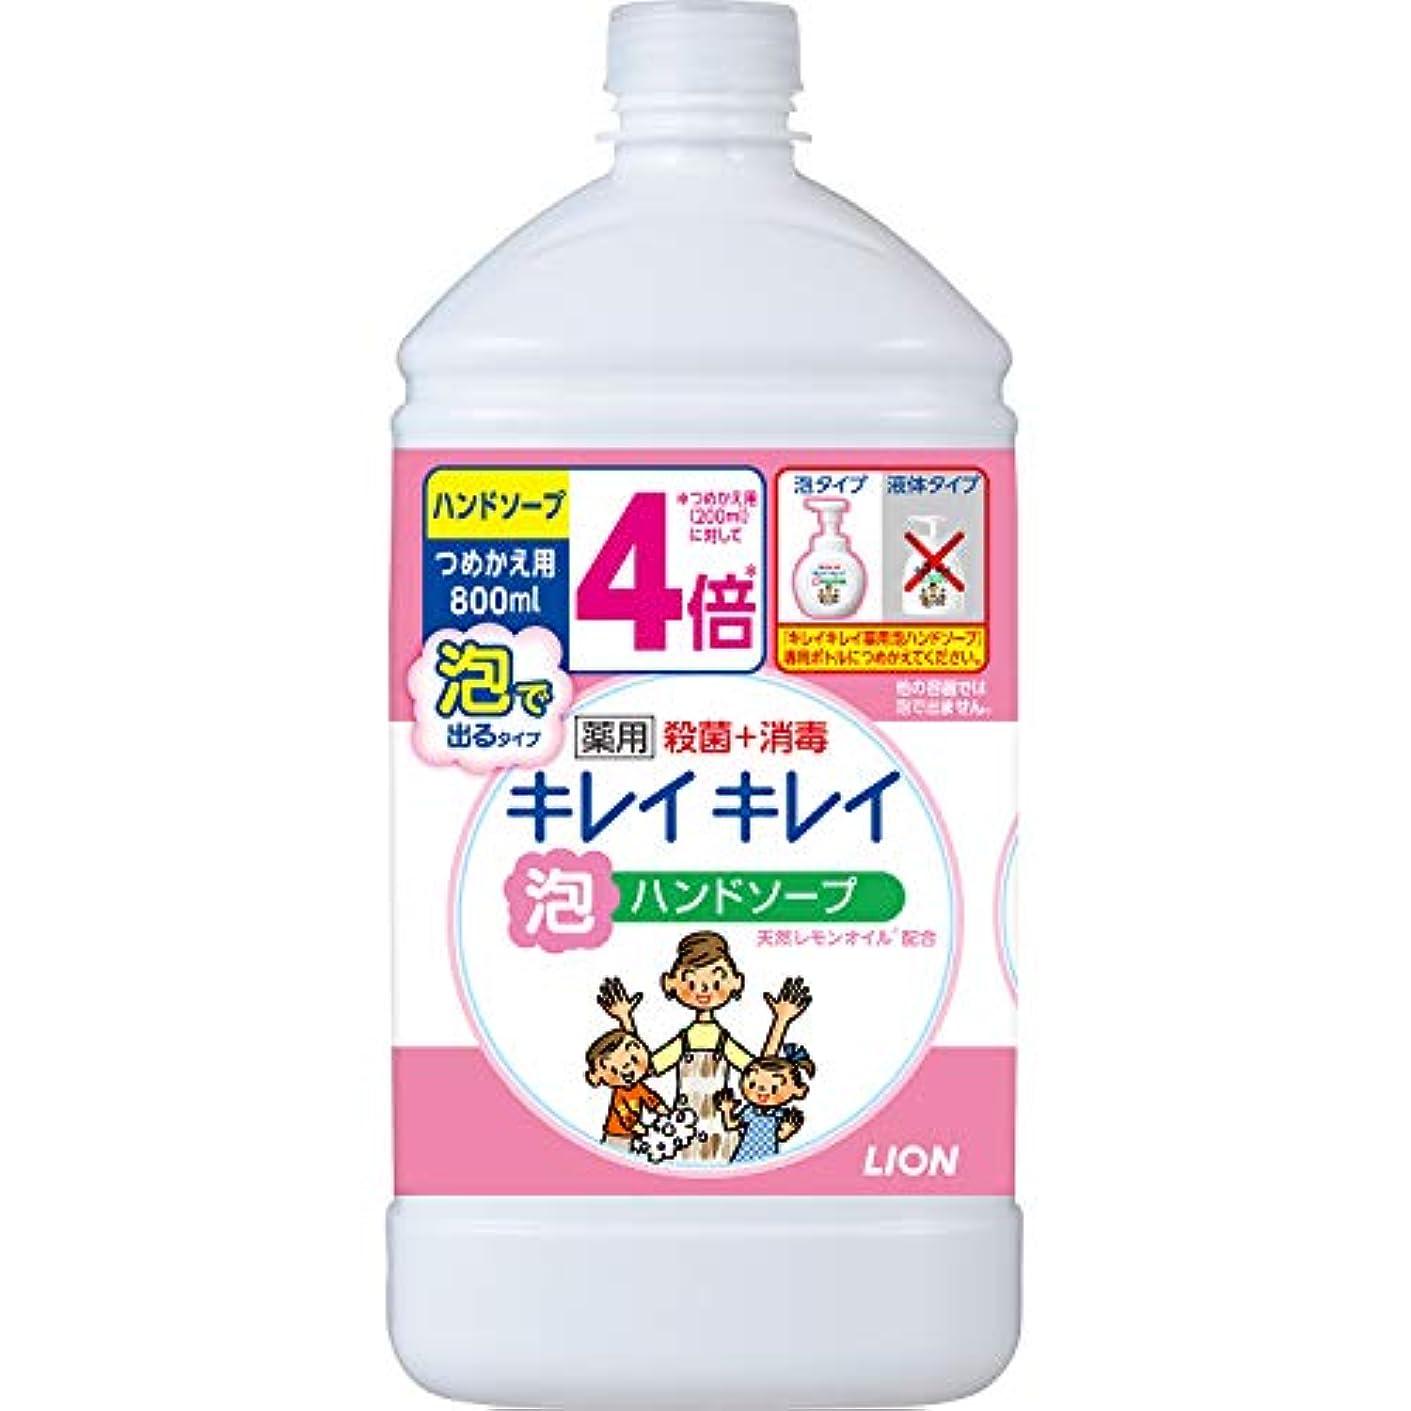 フラスコ高めるに賛成(医薬部外品)【大容量】キレイキレイ 薬用 泡ハンドソープ シトラスフルーティの香り 詰替特大 800ml